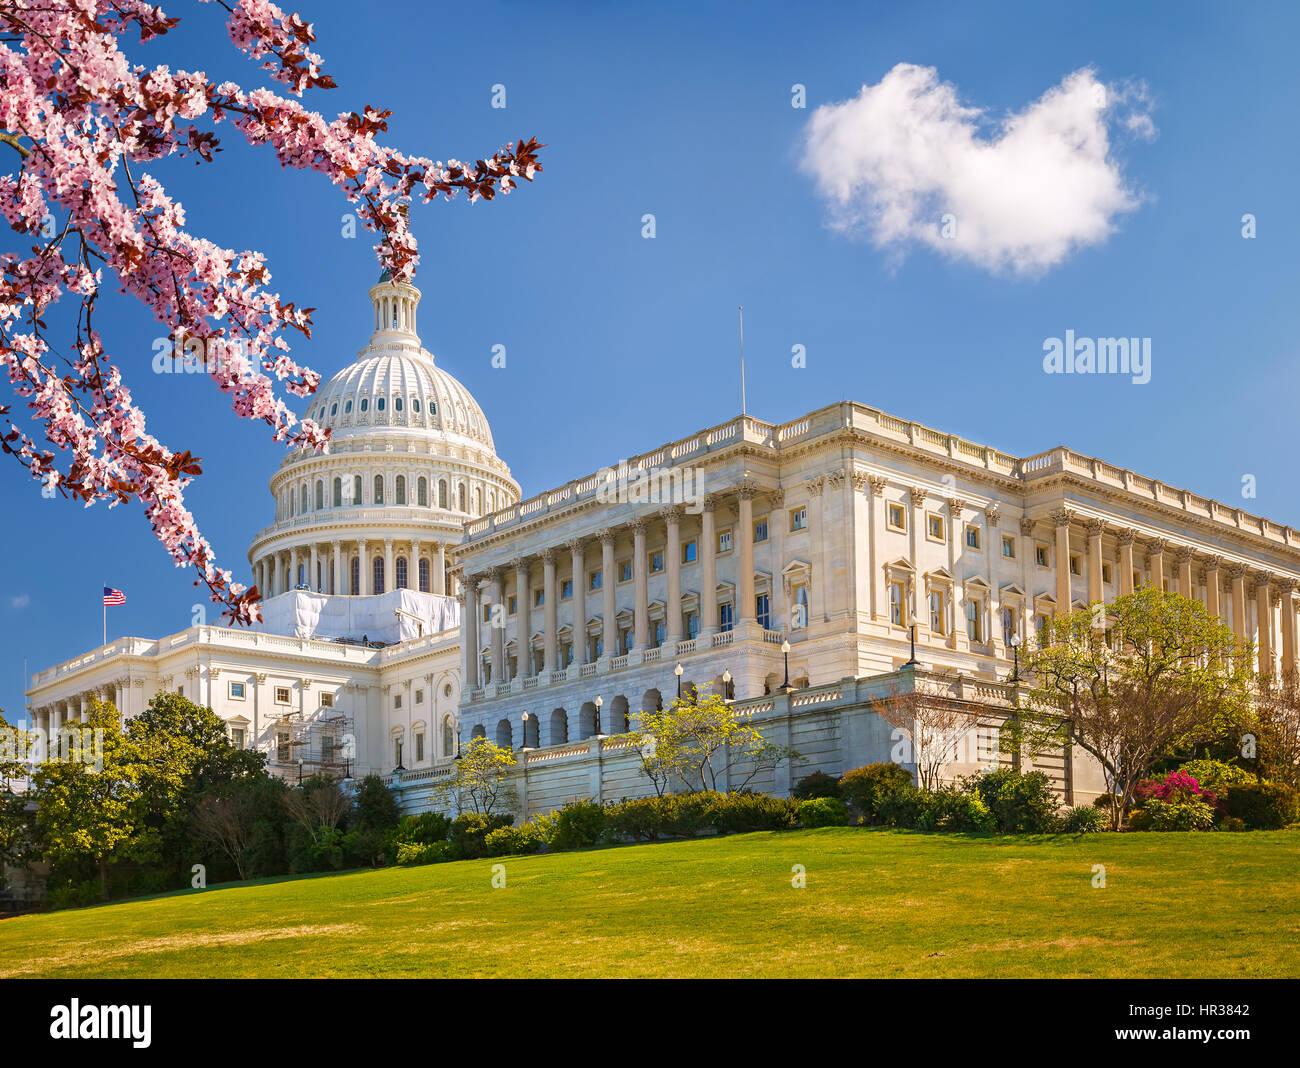 Campidoglio US a primavera giornata di sole Immagini Stock